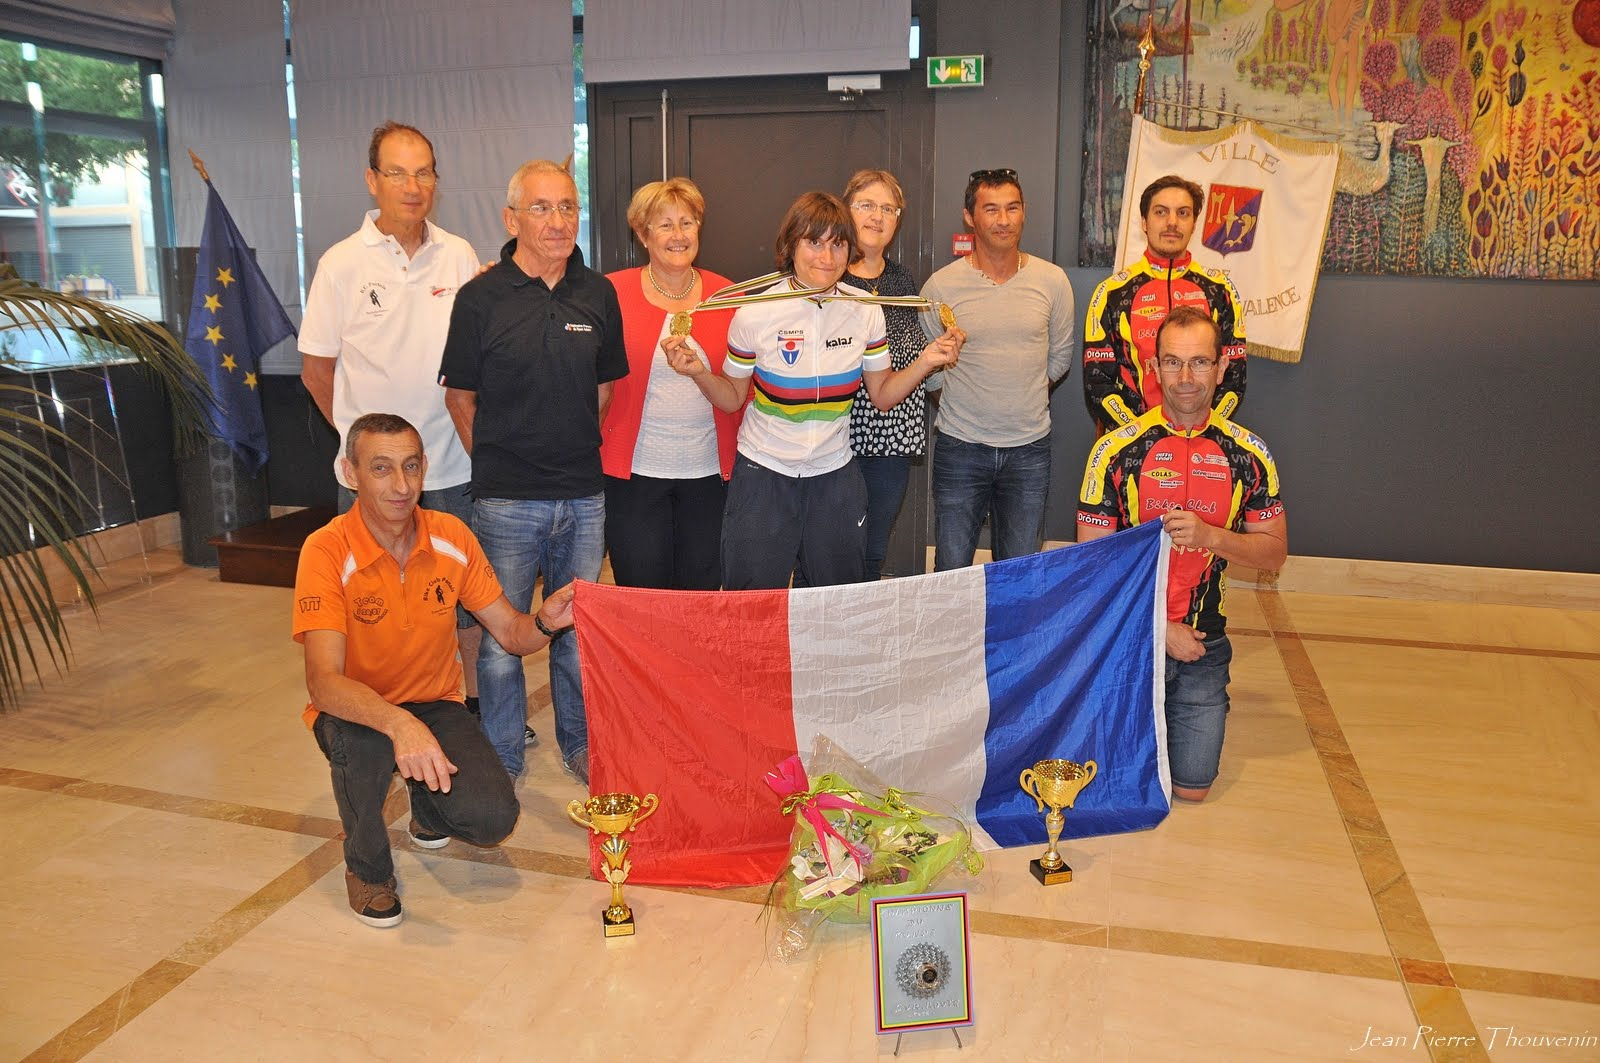 Aurélie Minodier; Double championne du Monde en sport adapté sur route; bravo !